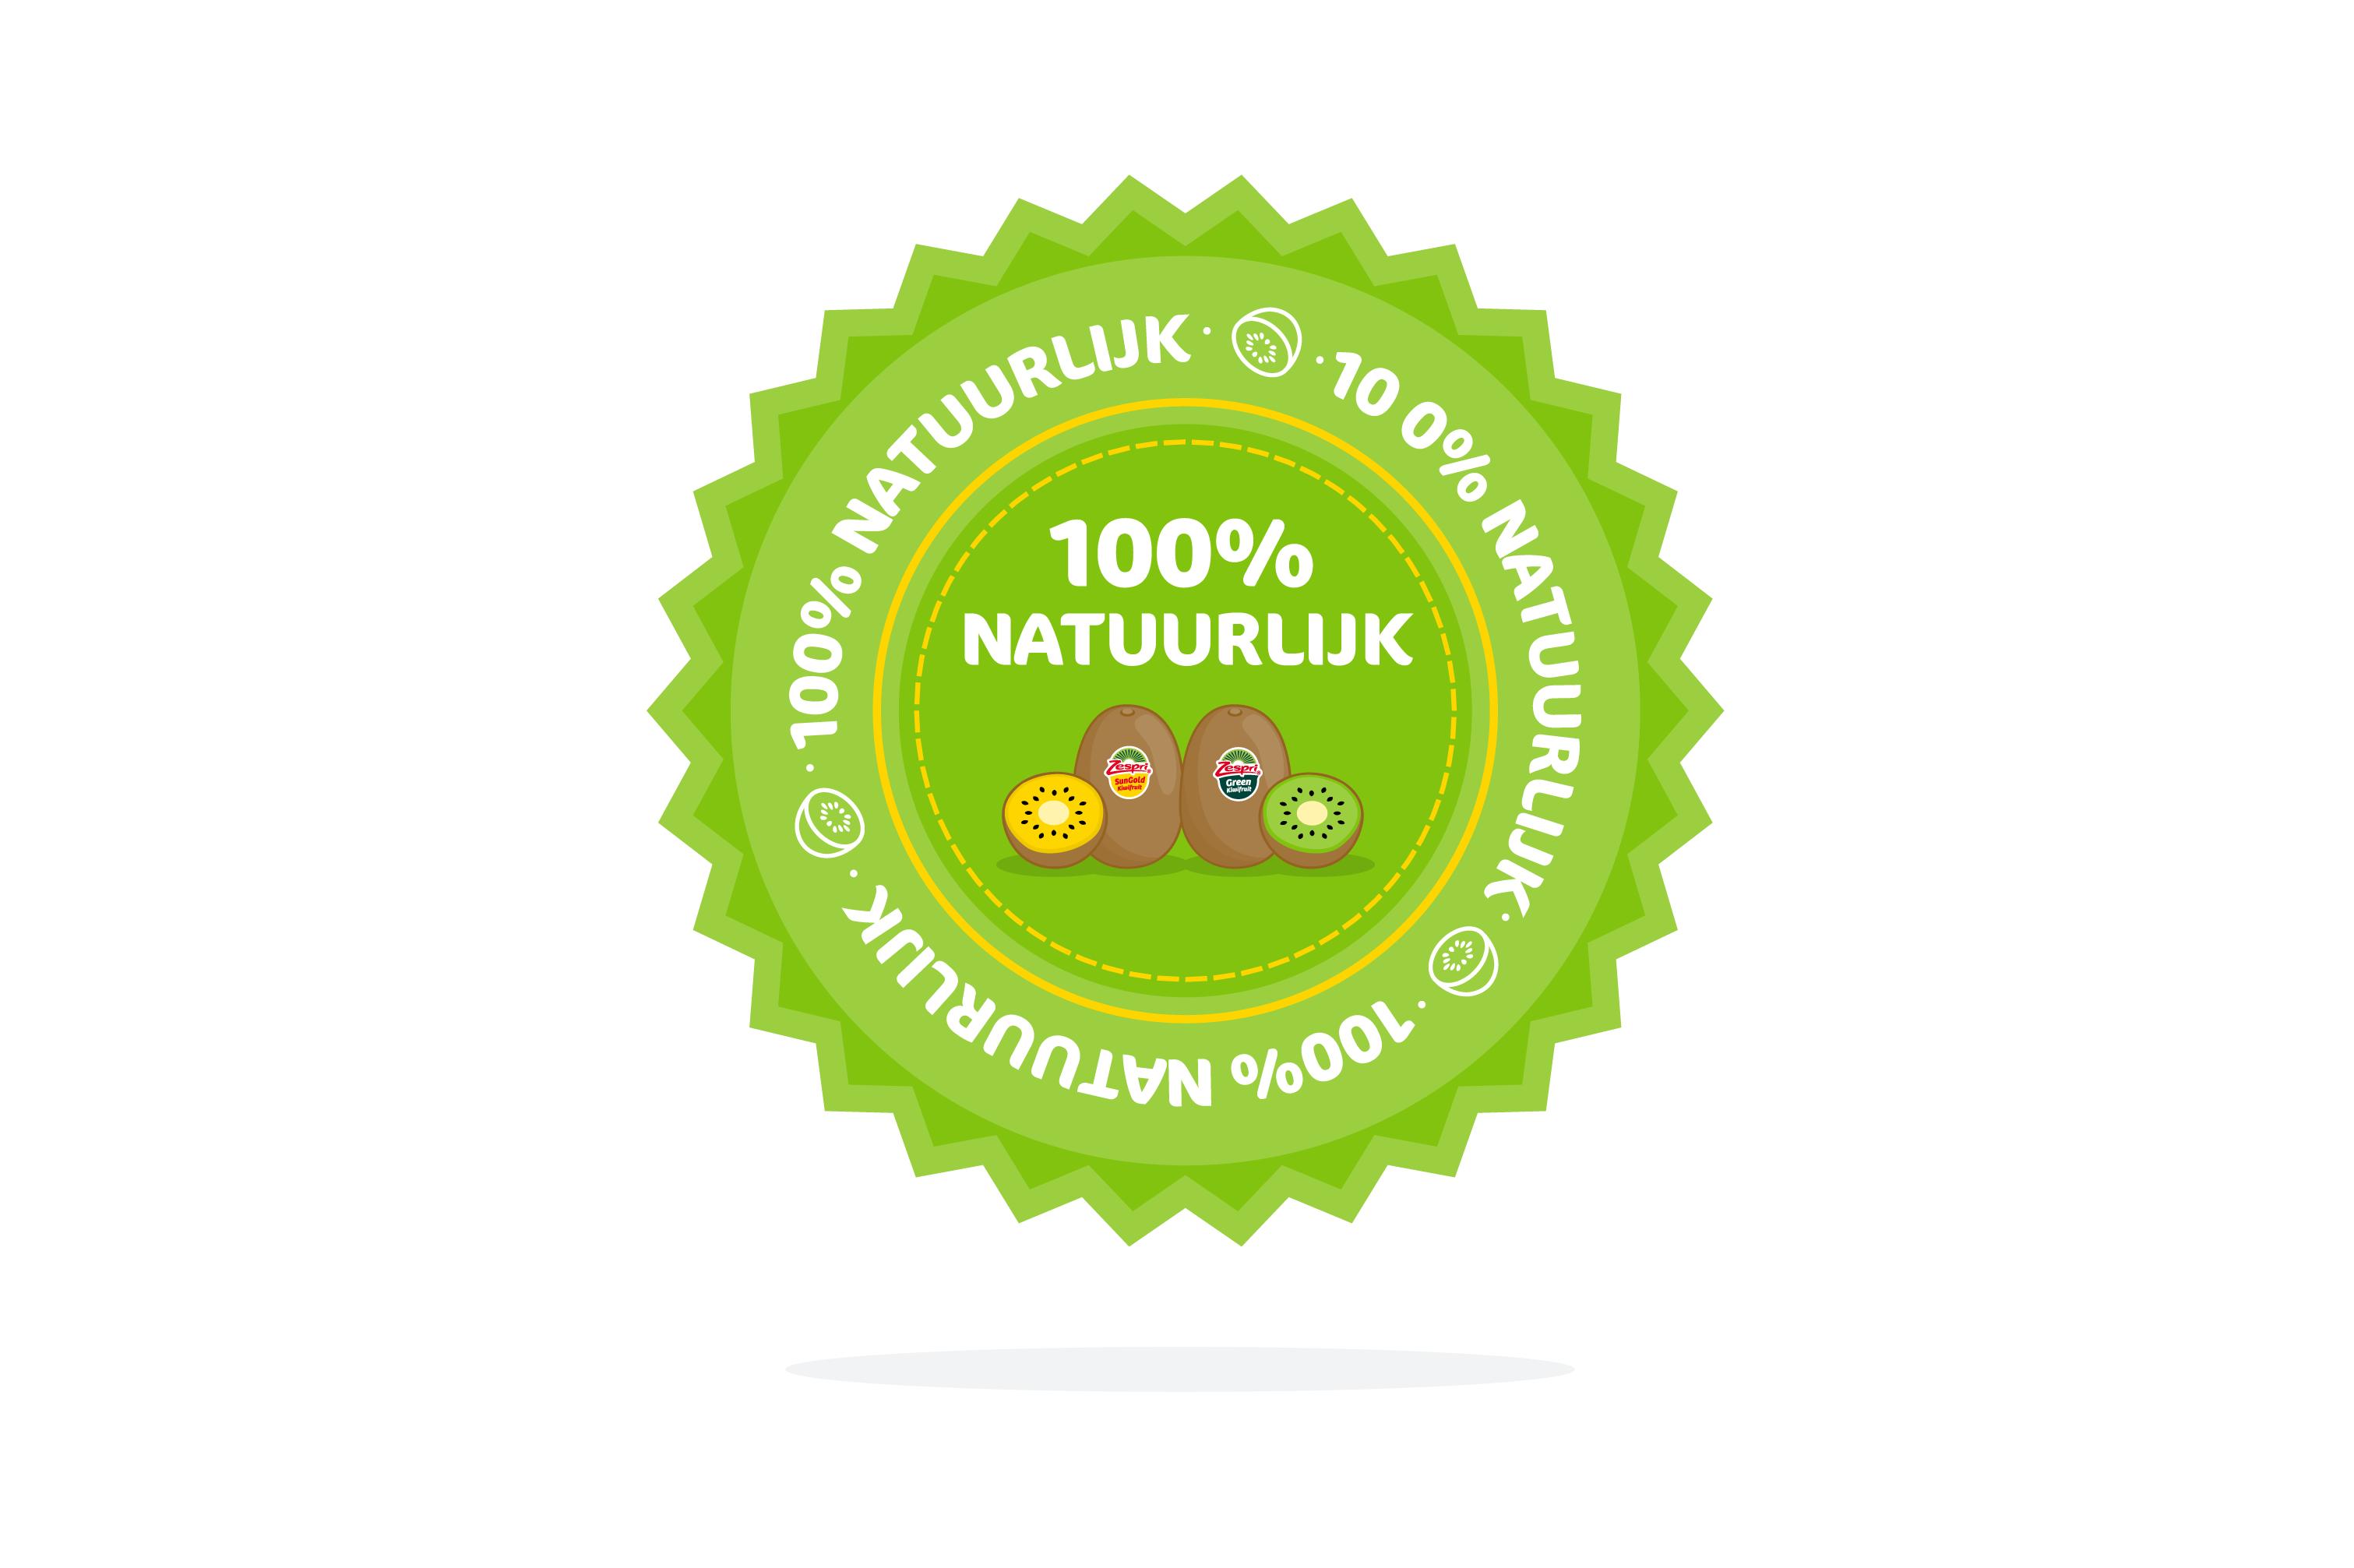 Smaak_en_voeding